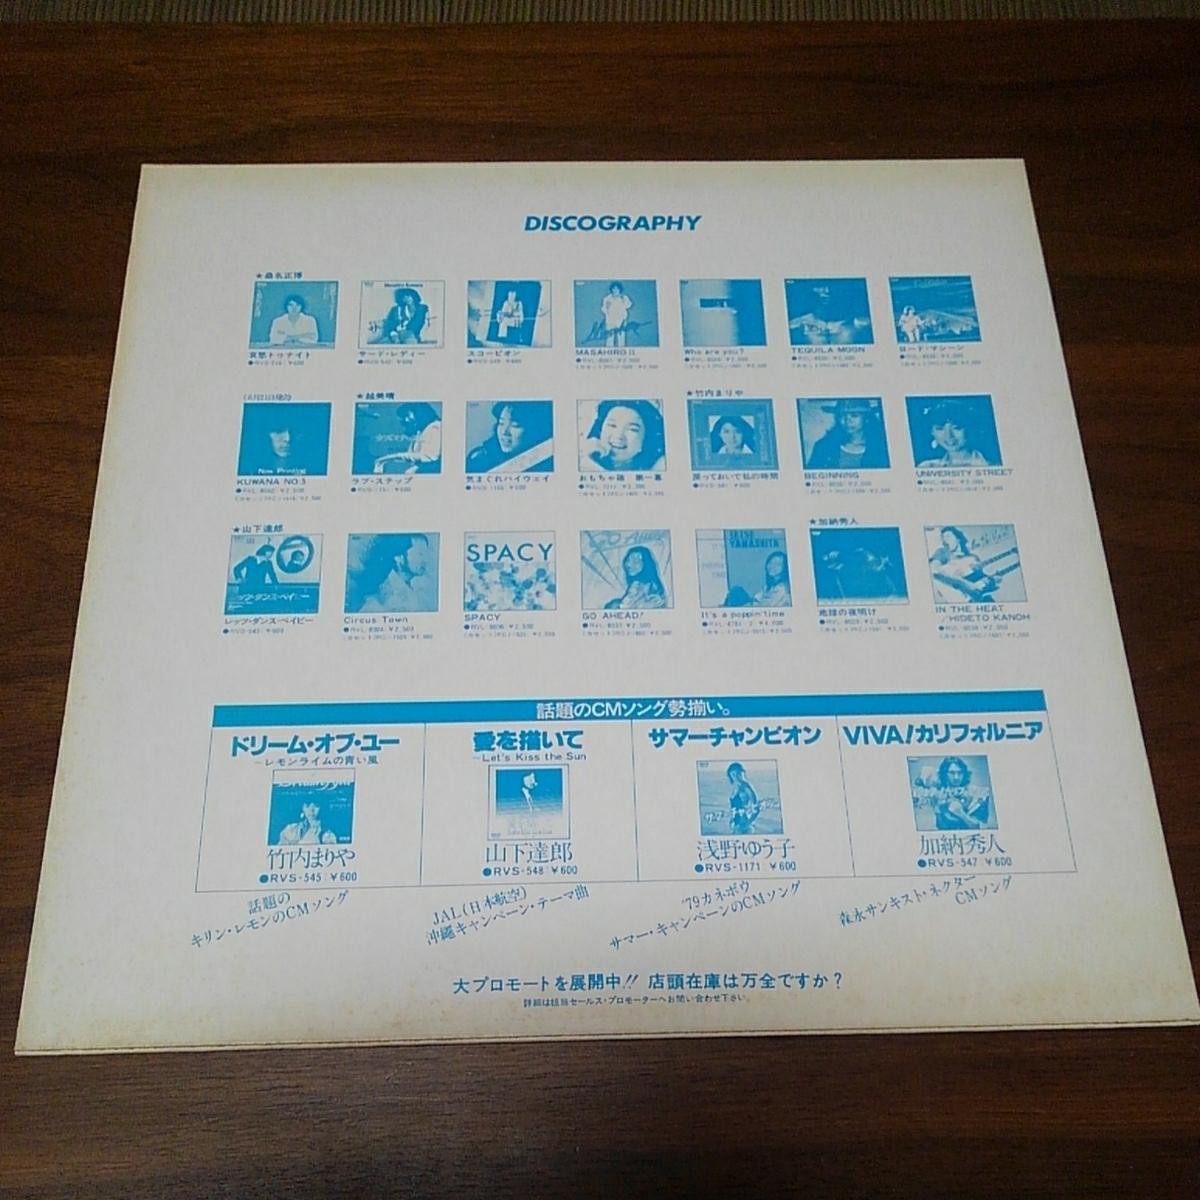 見本盤 LP CMグラフィティ3M作戦 特別ハイライト盤 竹内まりや 山下達郎 浅野ゆう子 越美晴 和モノ シティポップ city pop:RCA JRTD-1090_画像2